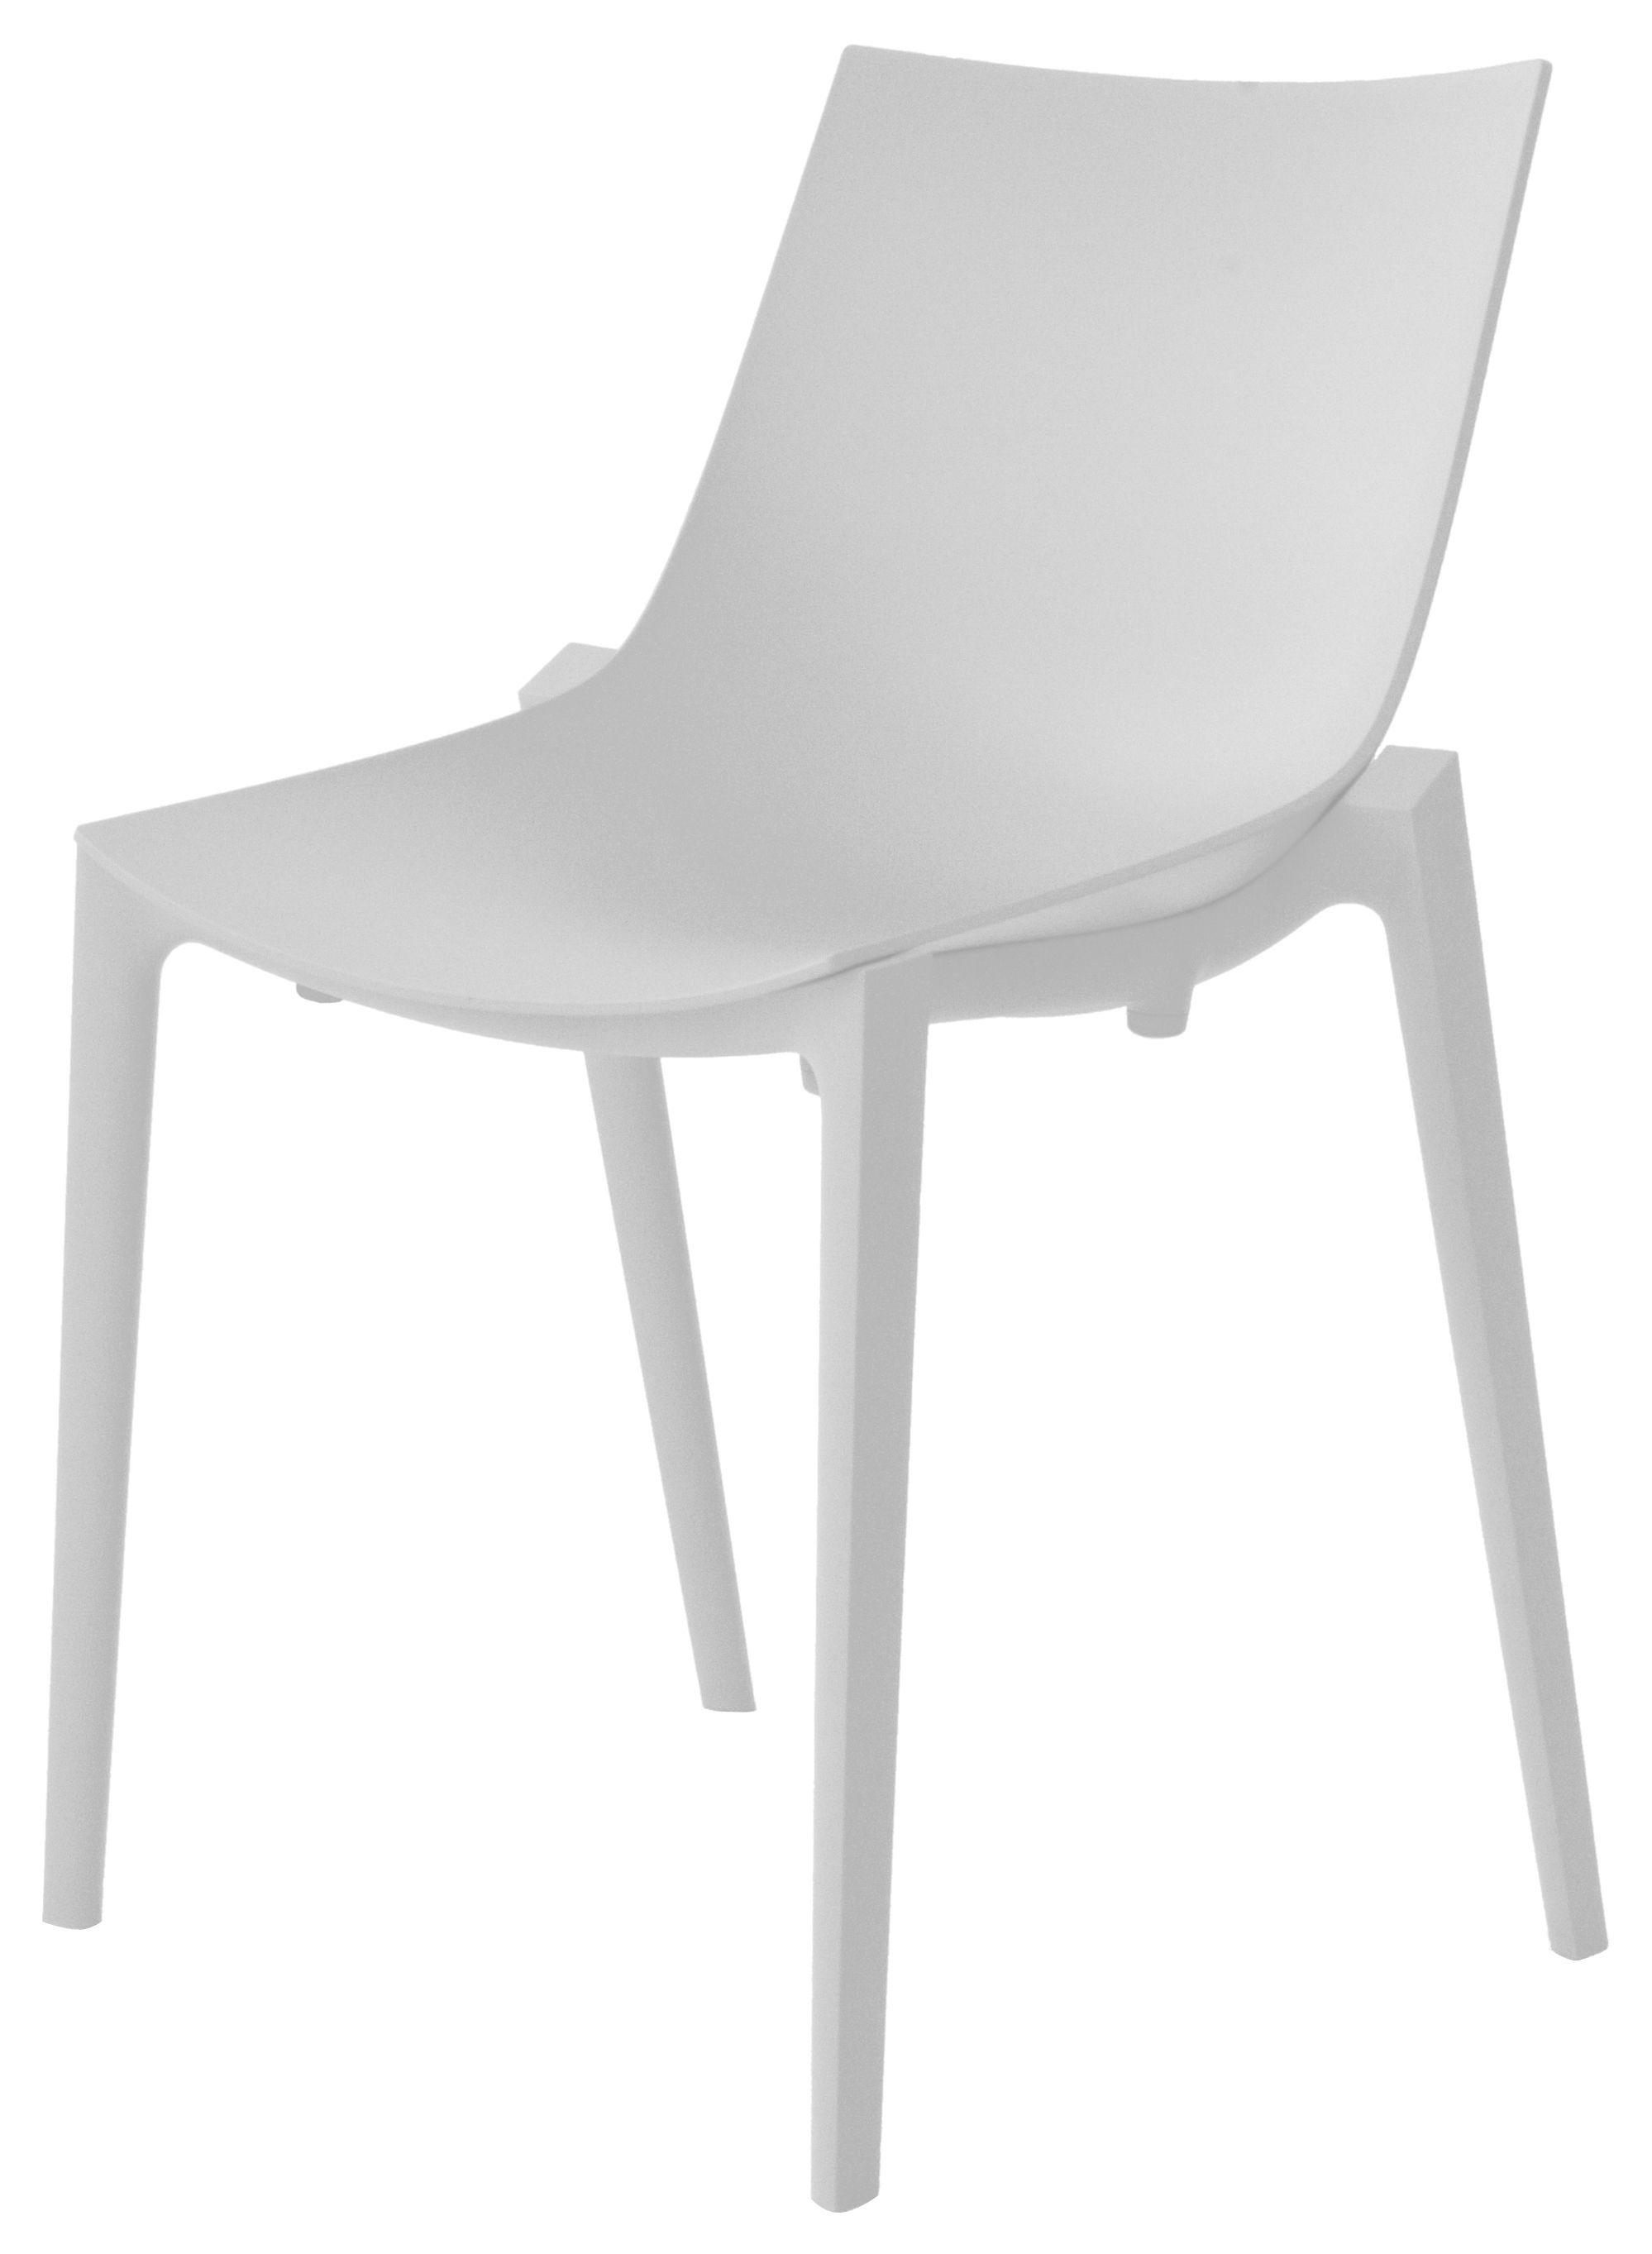 Mobilier - Chaise empilable Zartan Basic /Polypropylène - Magis - Gris clair - Polypropylène renforcé de fibre de verre